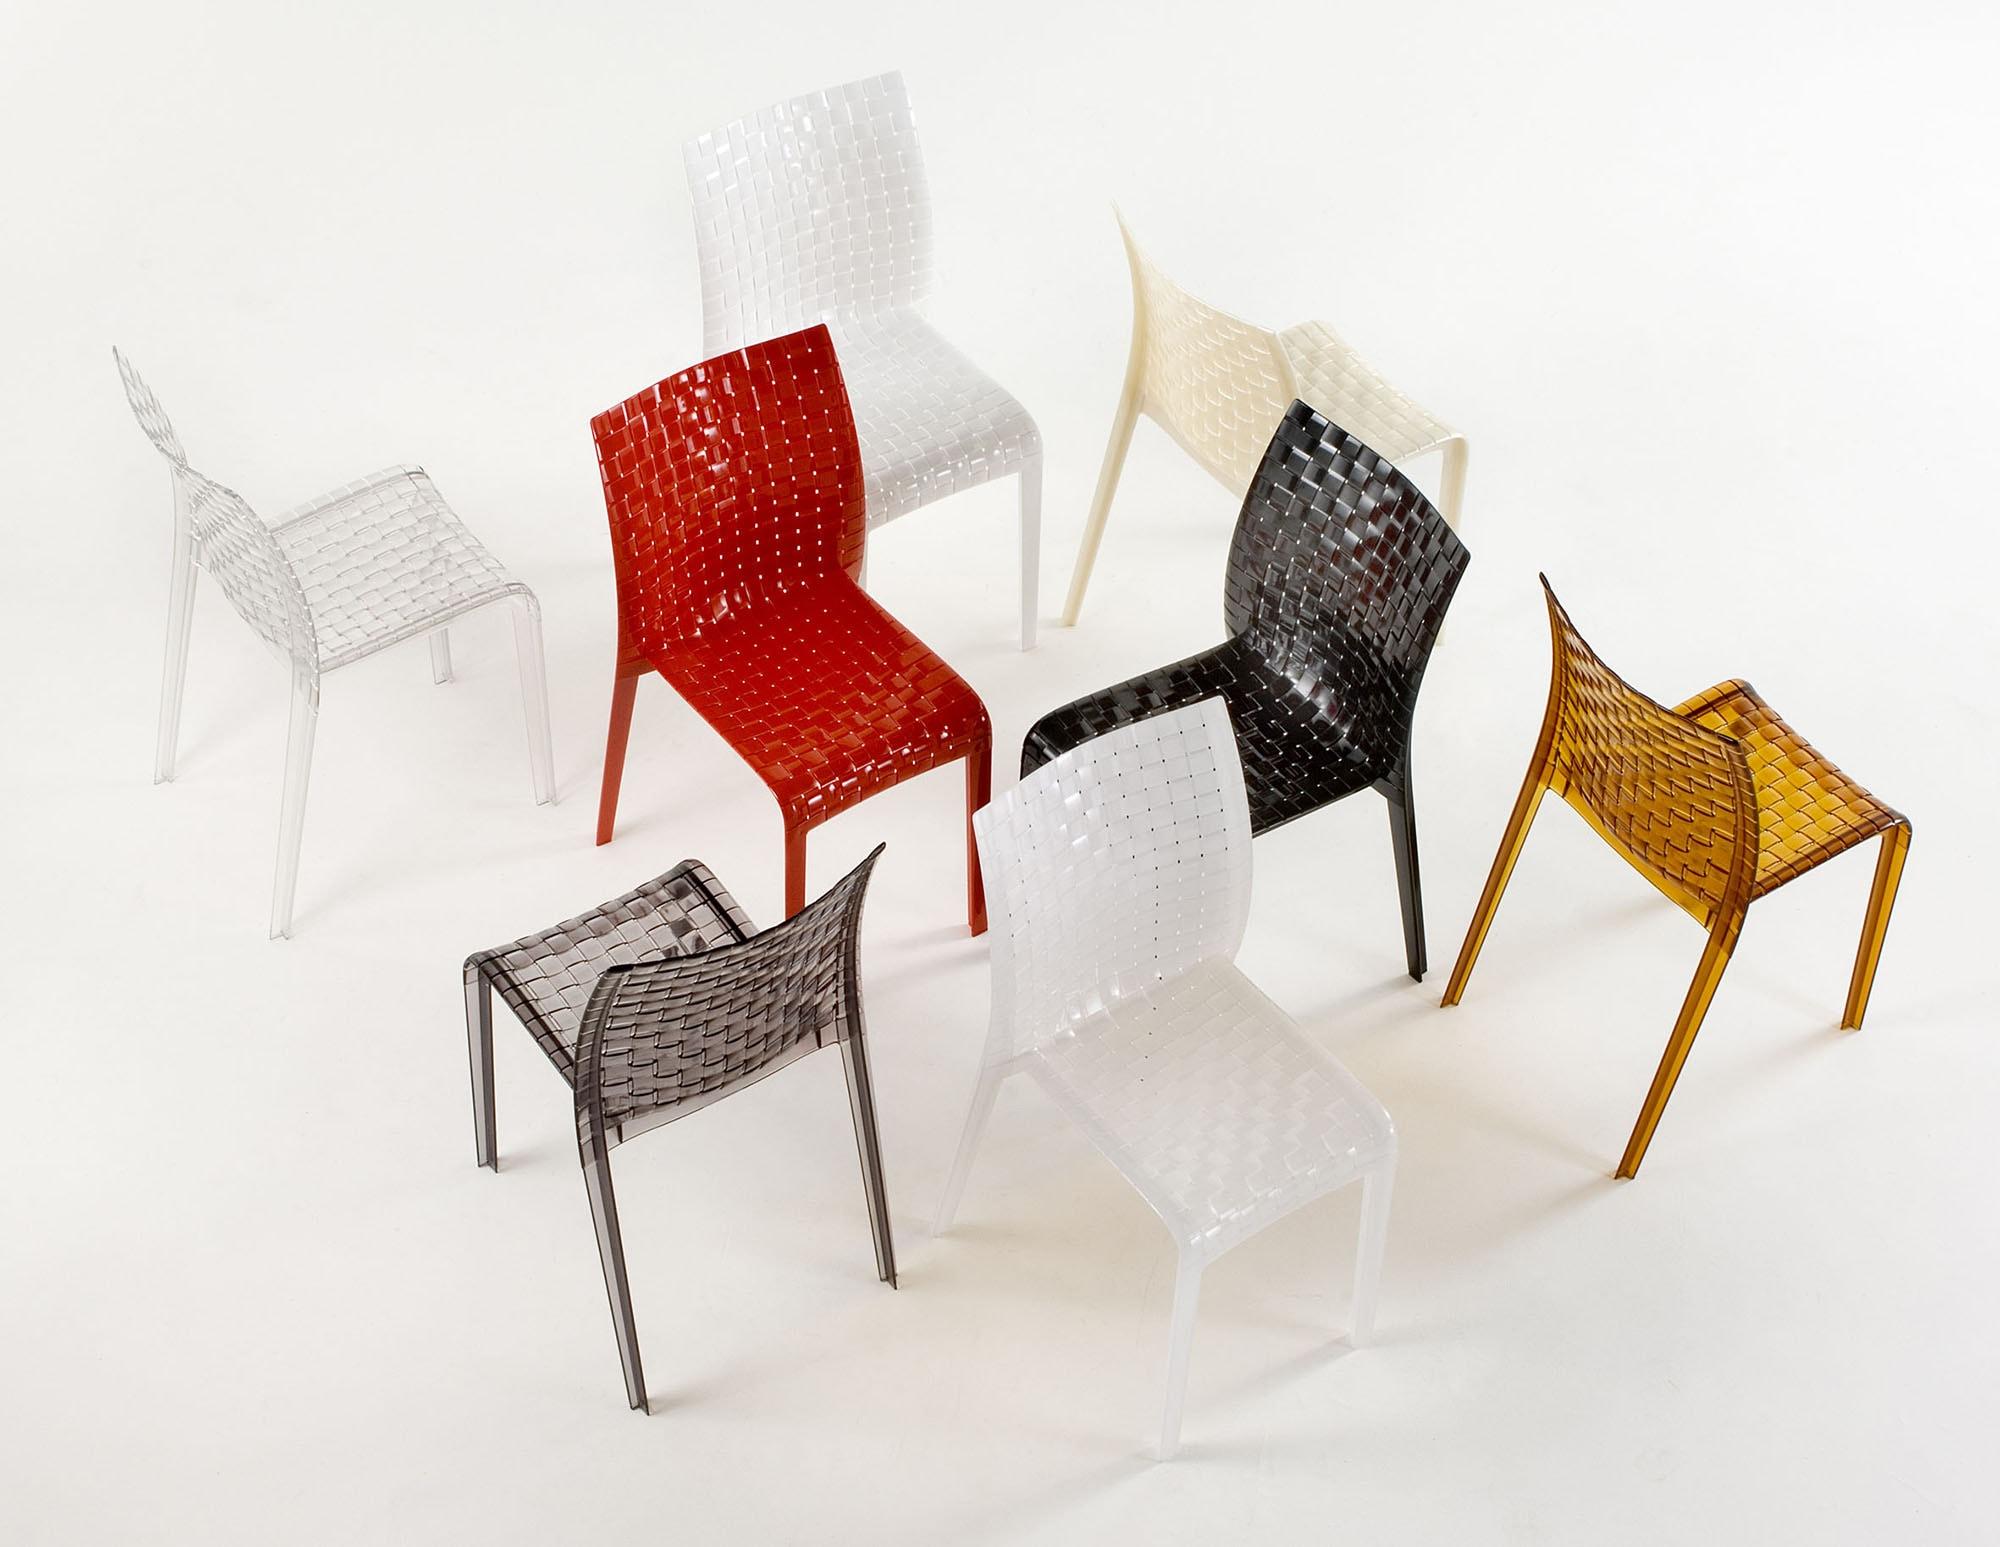 「編む」からその名がついたAmi Amiチェア。縦糸と横糸によってできる織物のような視覚効果をもたらしている。